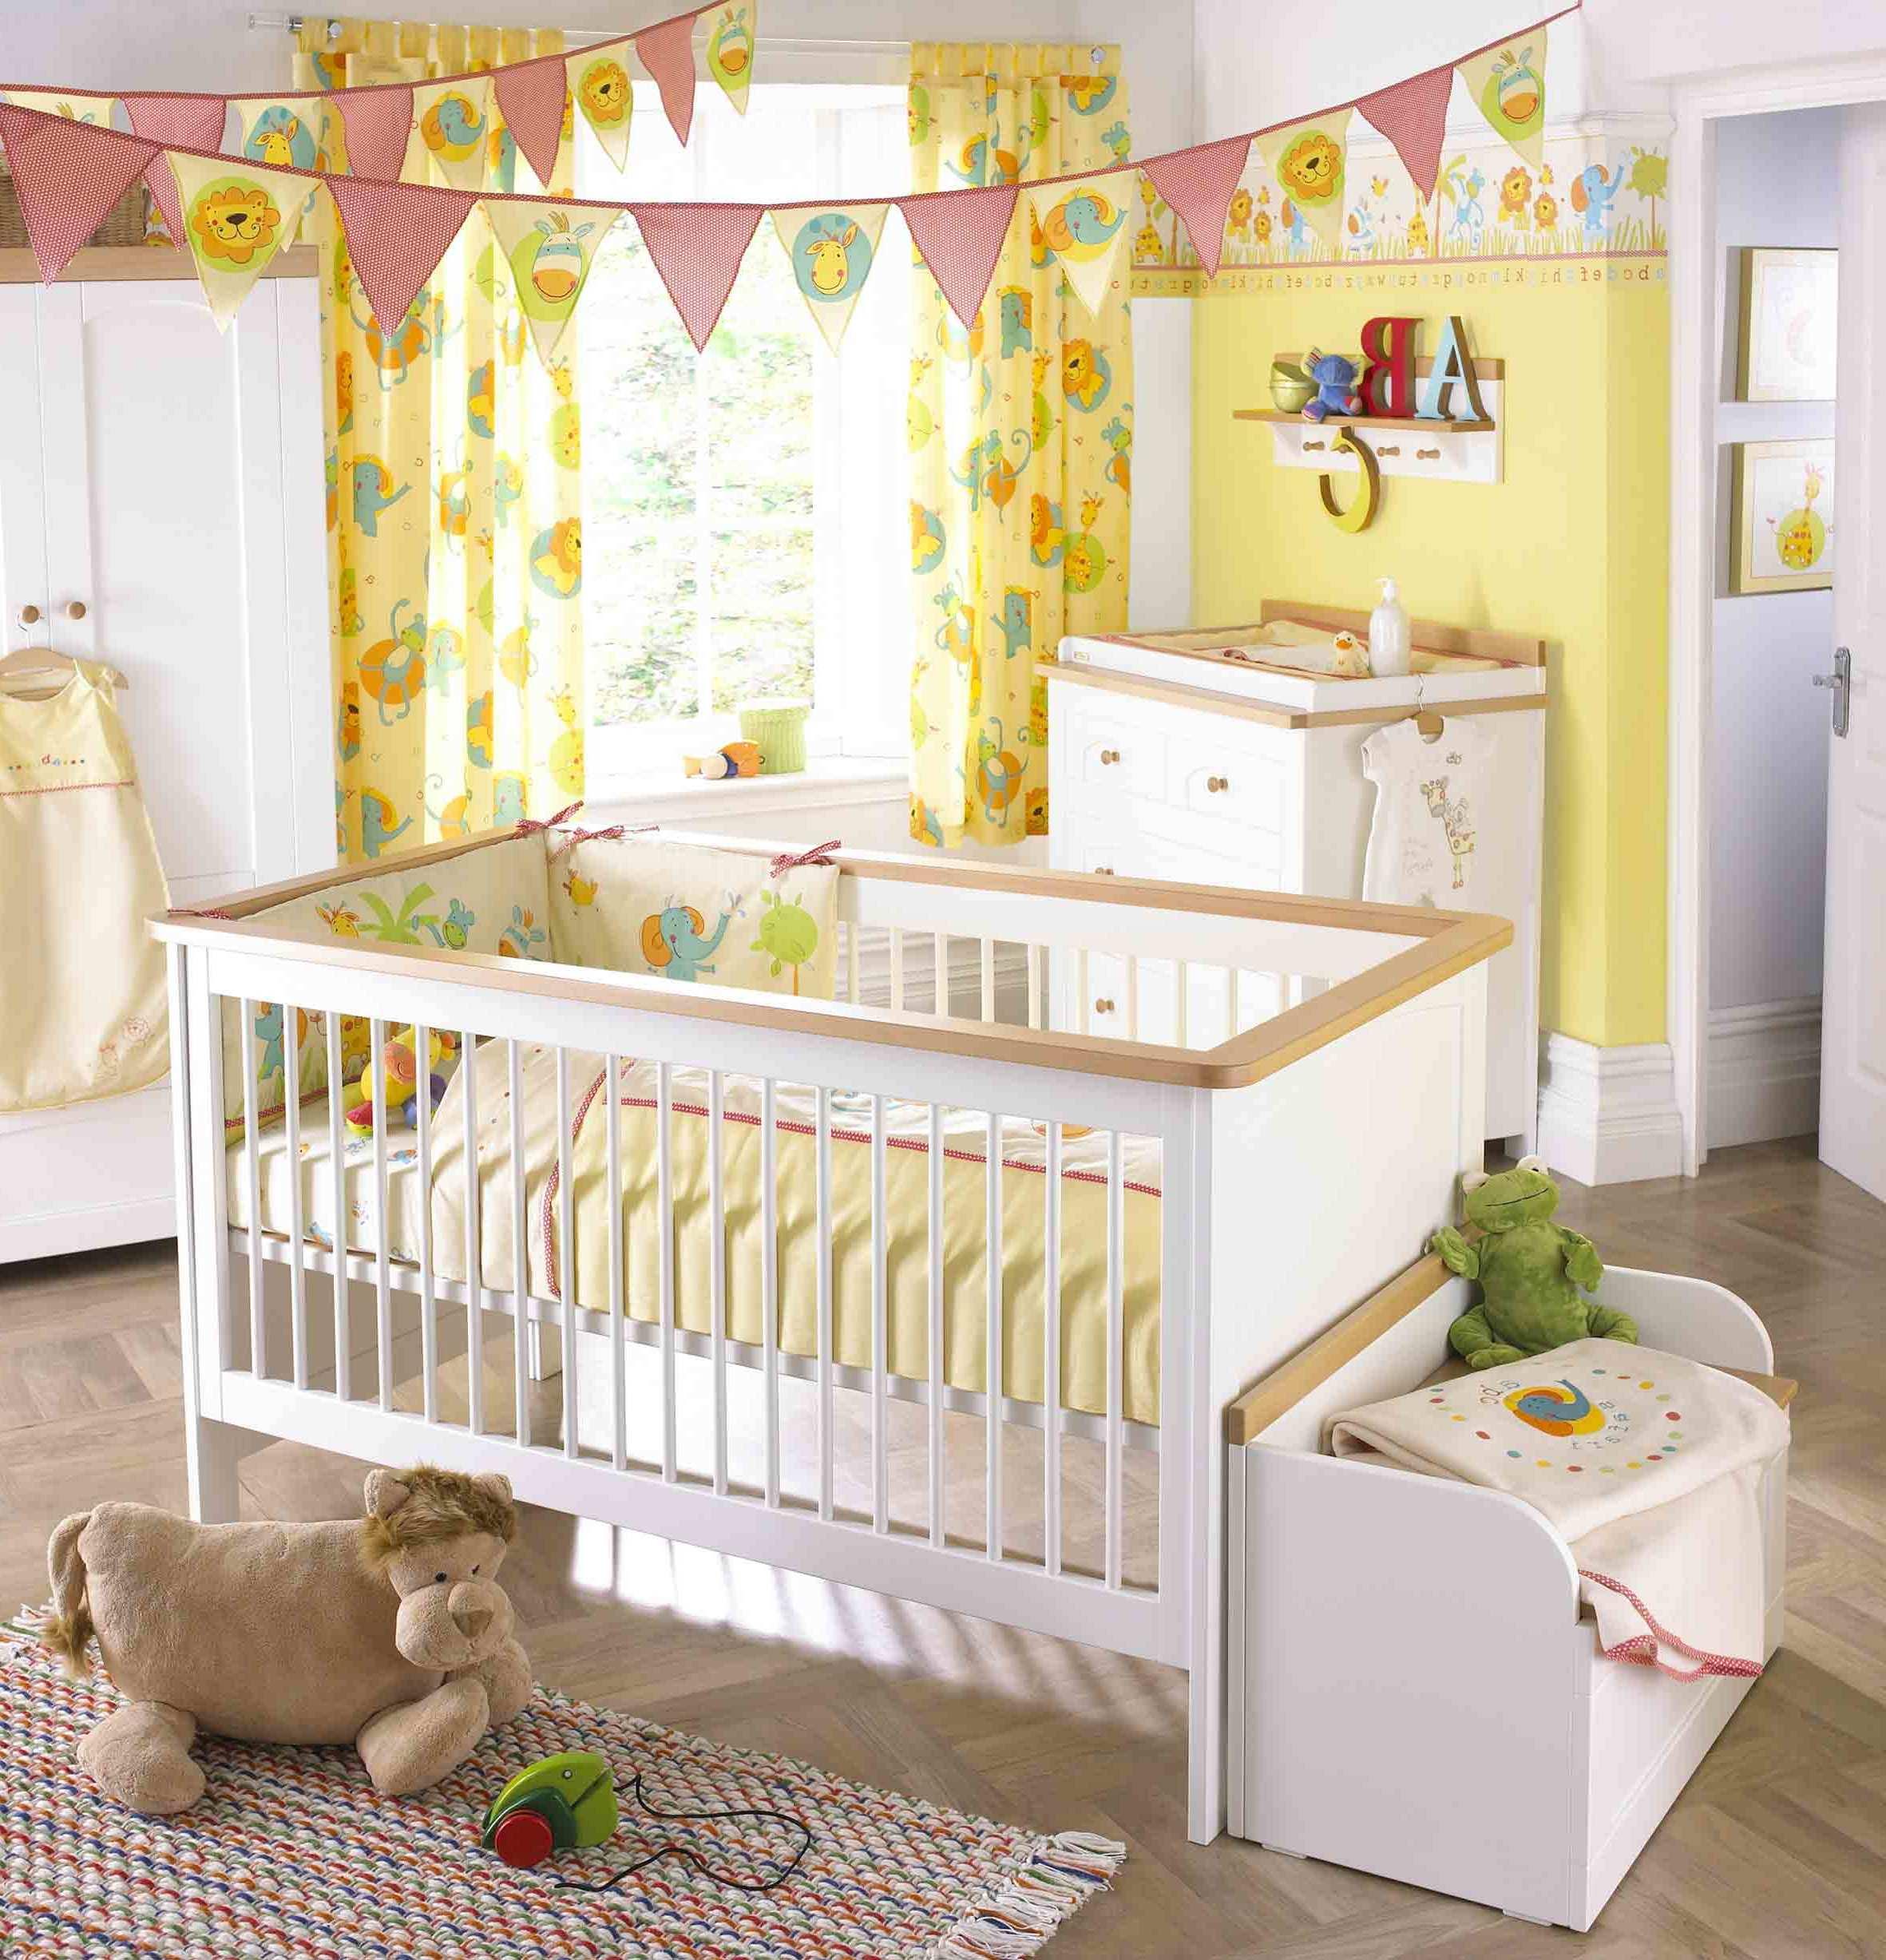 kinderzimmer gestalten ideen f r ein schickes und gem tliches kidszone kinderzimmer zenideen. Black Bedroom Furniture Sets. Home Design Ideas